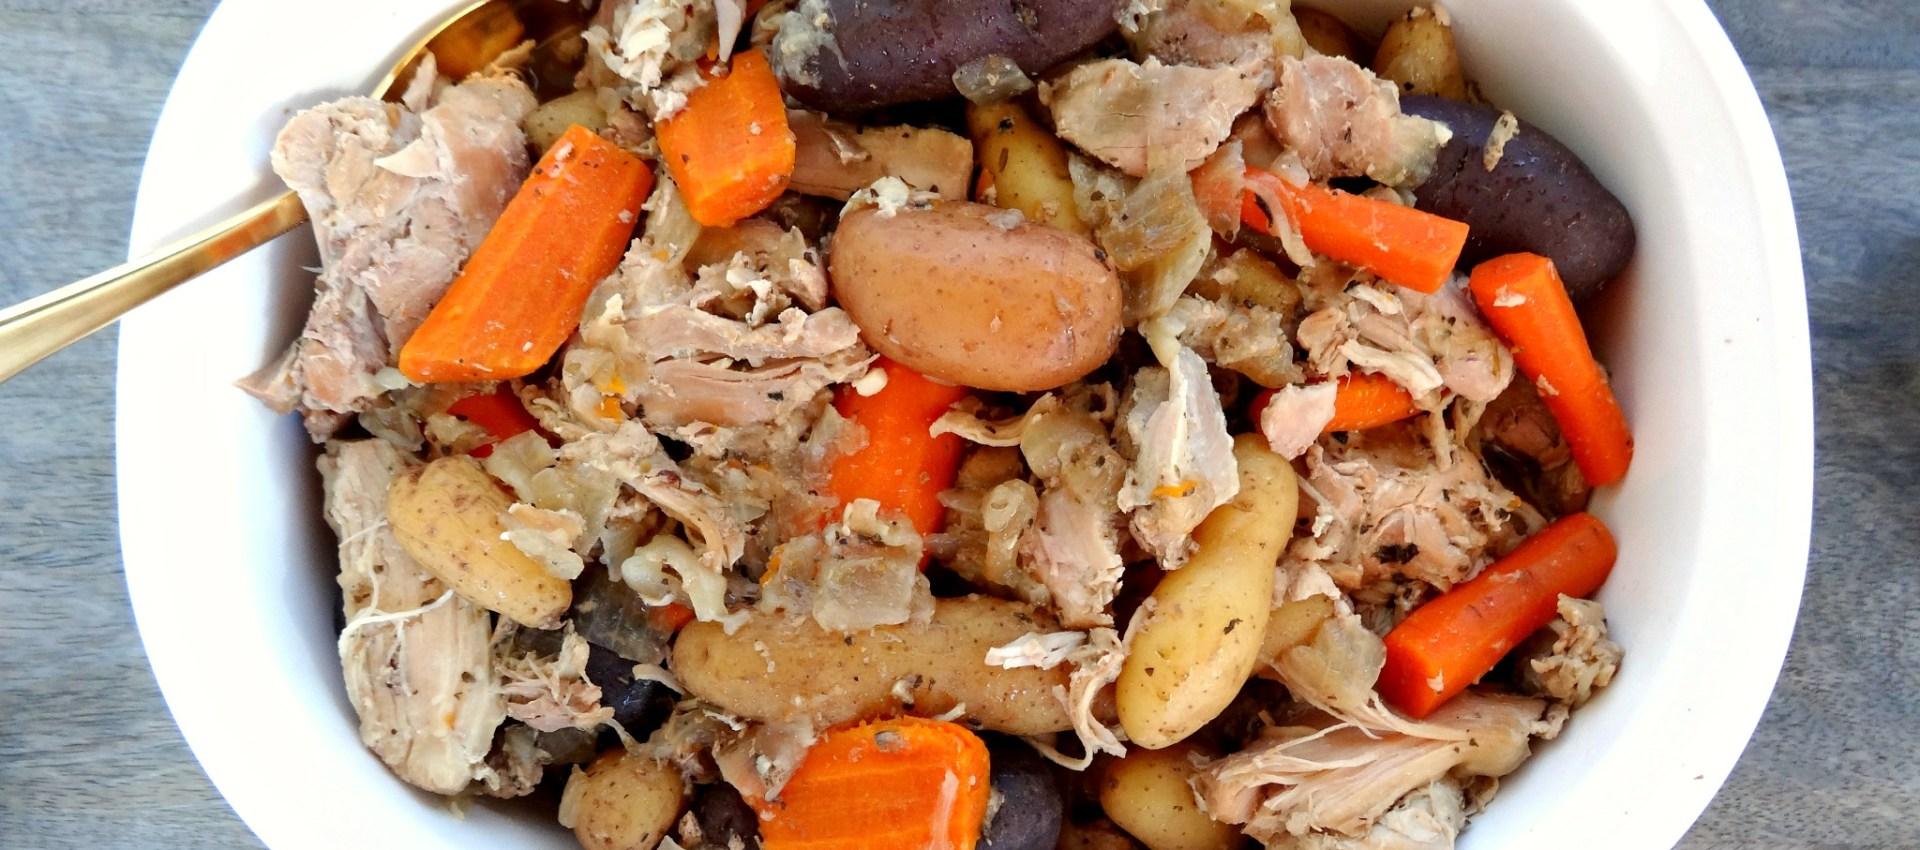 Slow Cooker Gluten-free Chicken Thighs Stew